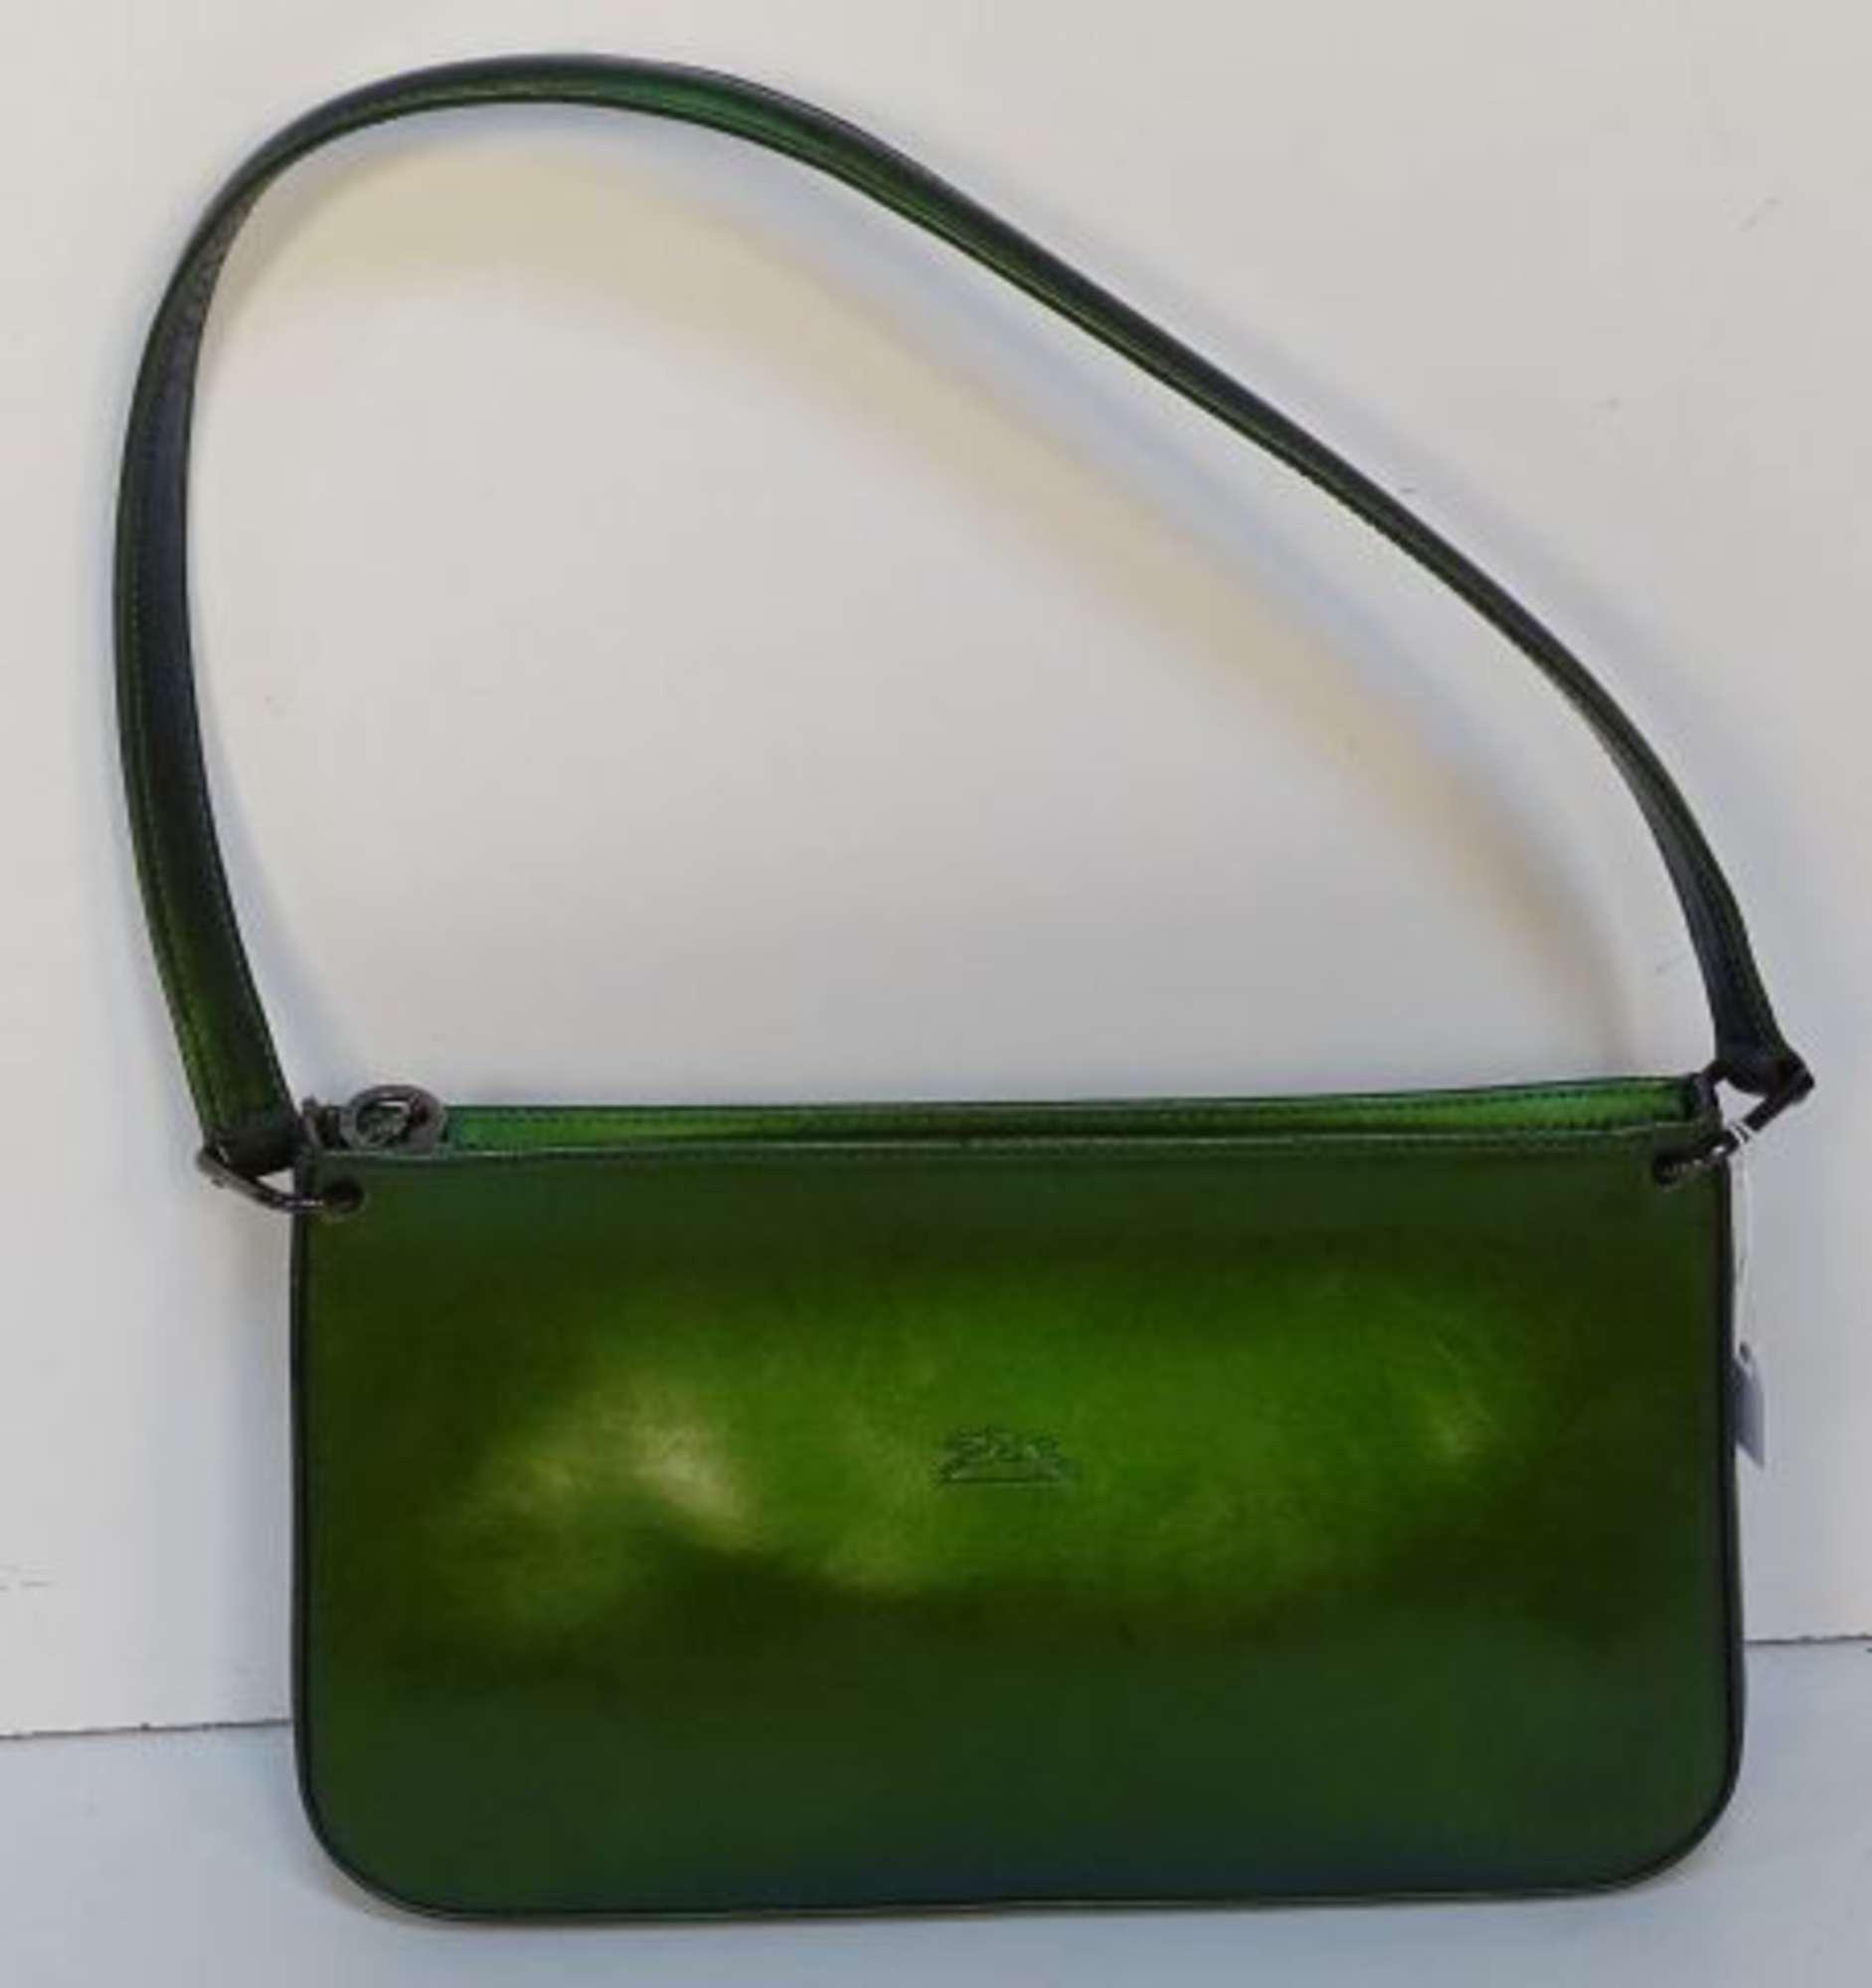 LONGCHAMP Sac baguette porté épaule en cuir vernis vert